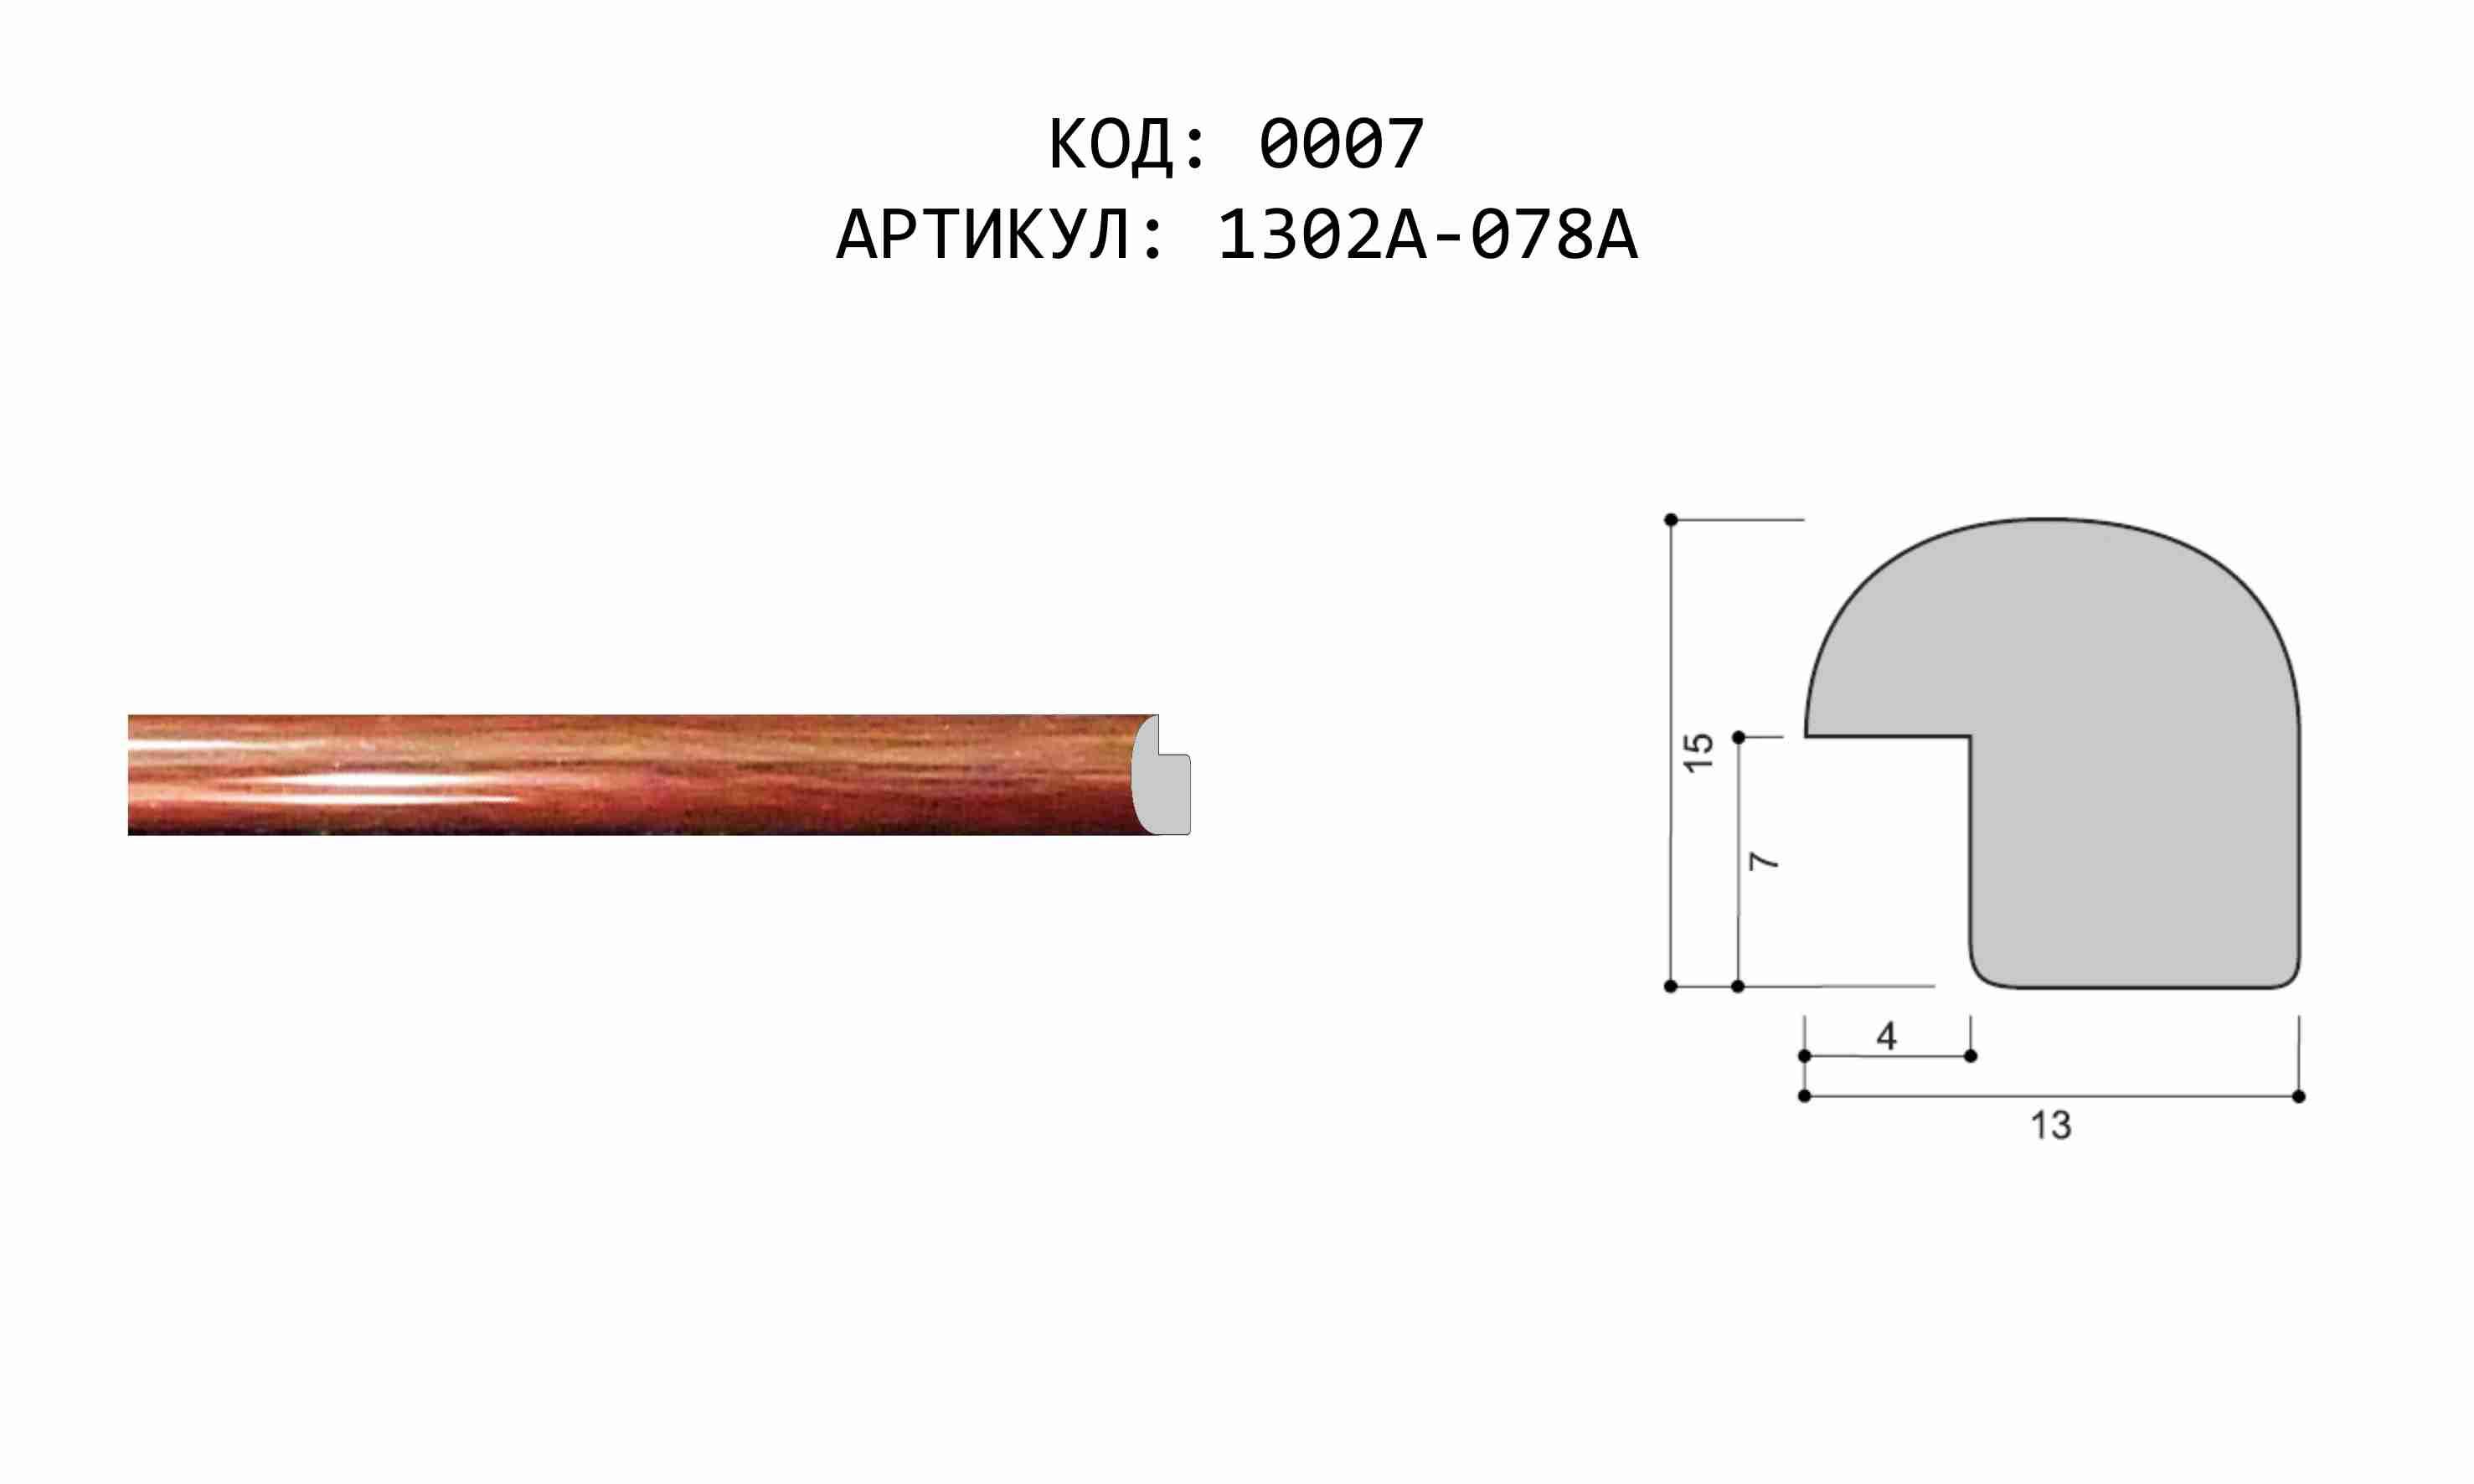 Артикул: 1302A-078A